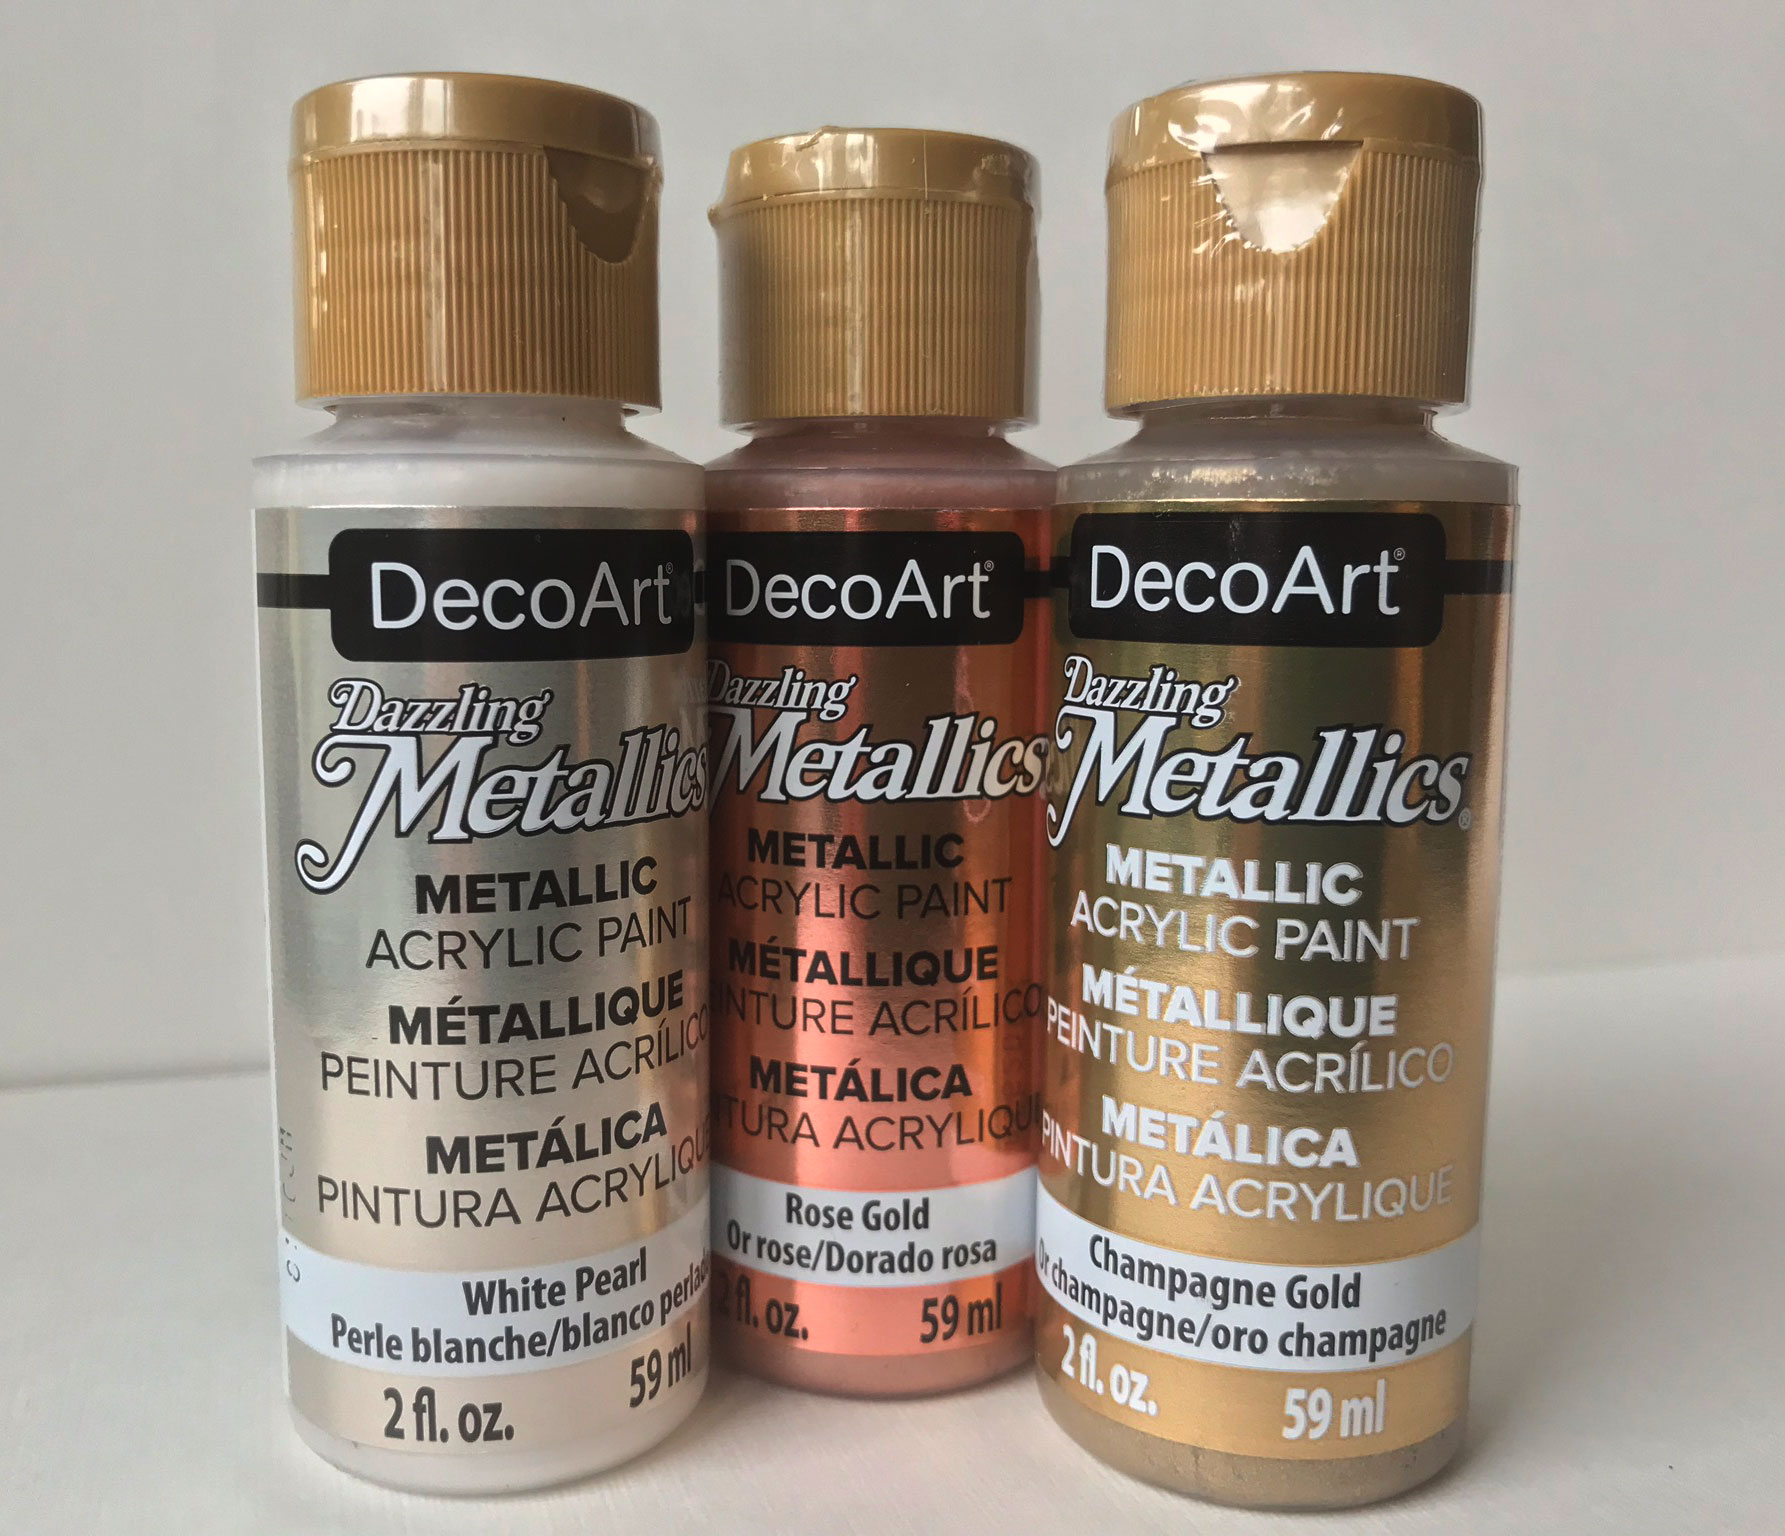 DecoArt-Dazzling-Metallics